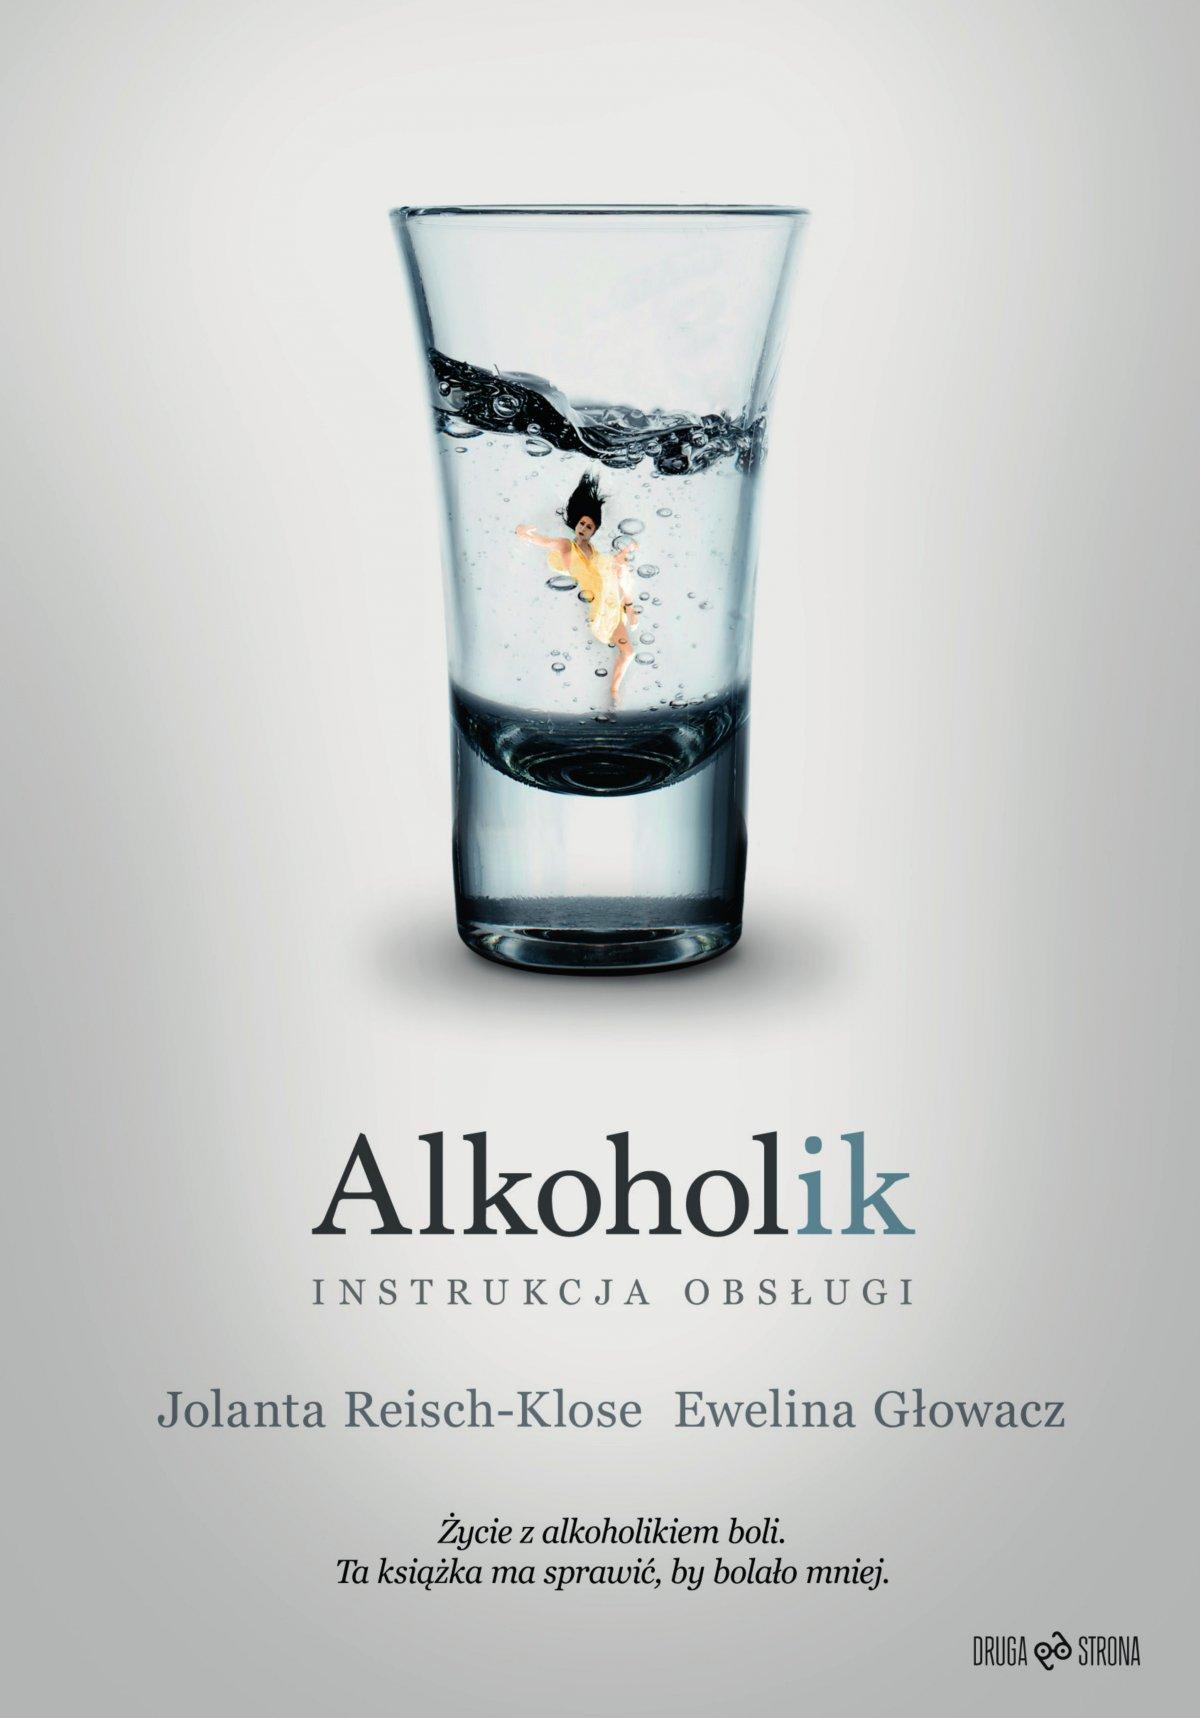 Alkoholik - instrukcja obsługi - Ebook (Książka na Kindle) do pobrania w formacie MOBI